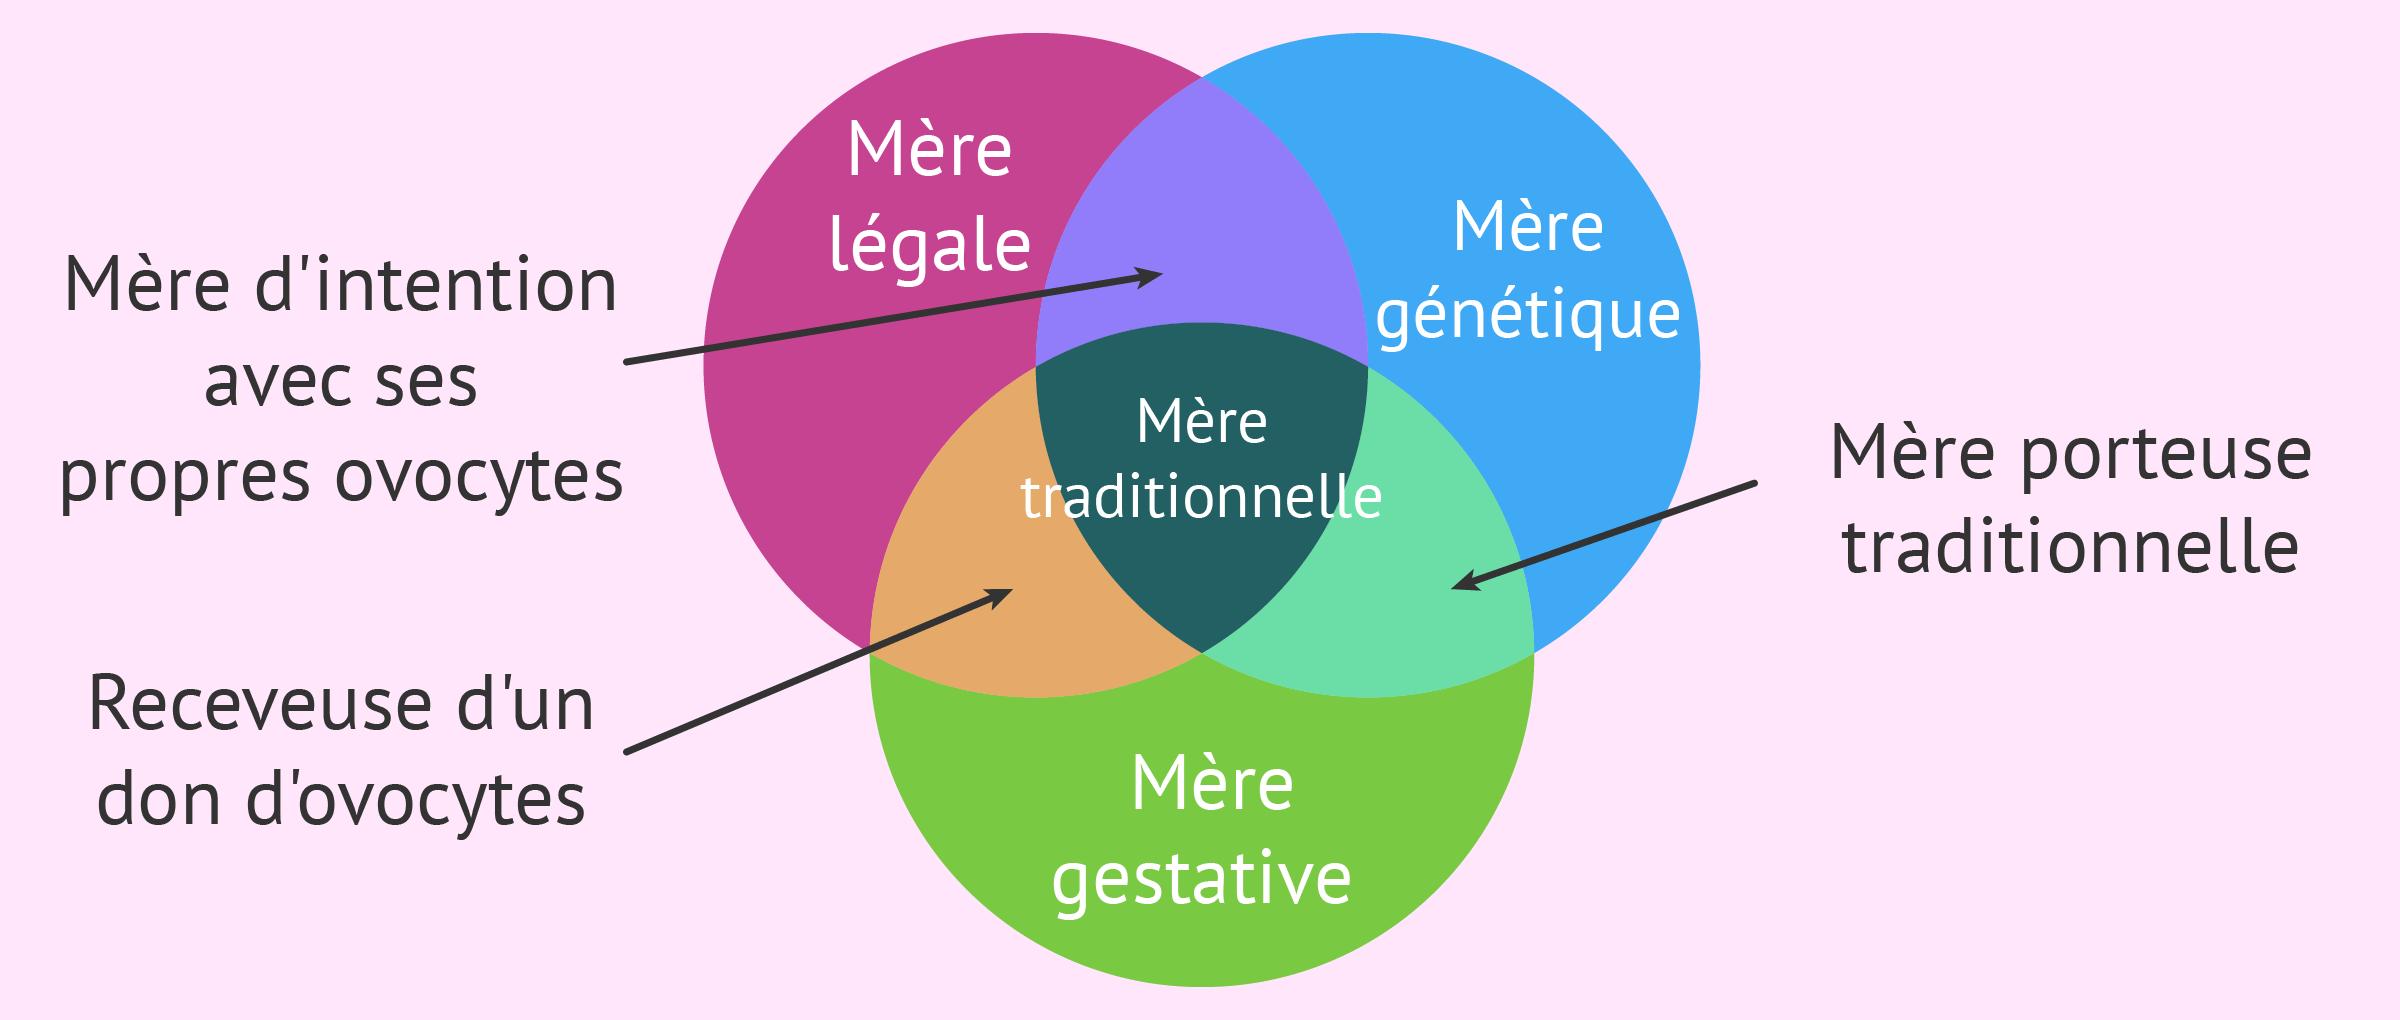 Fragmentation du concept de mère traditionnelle